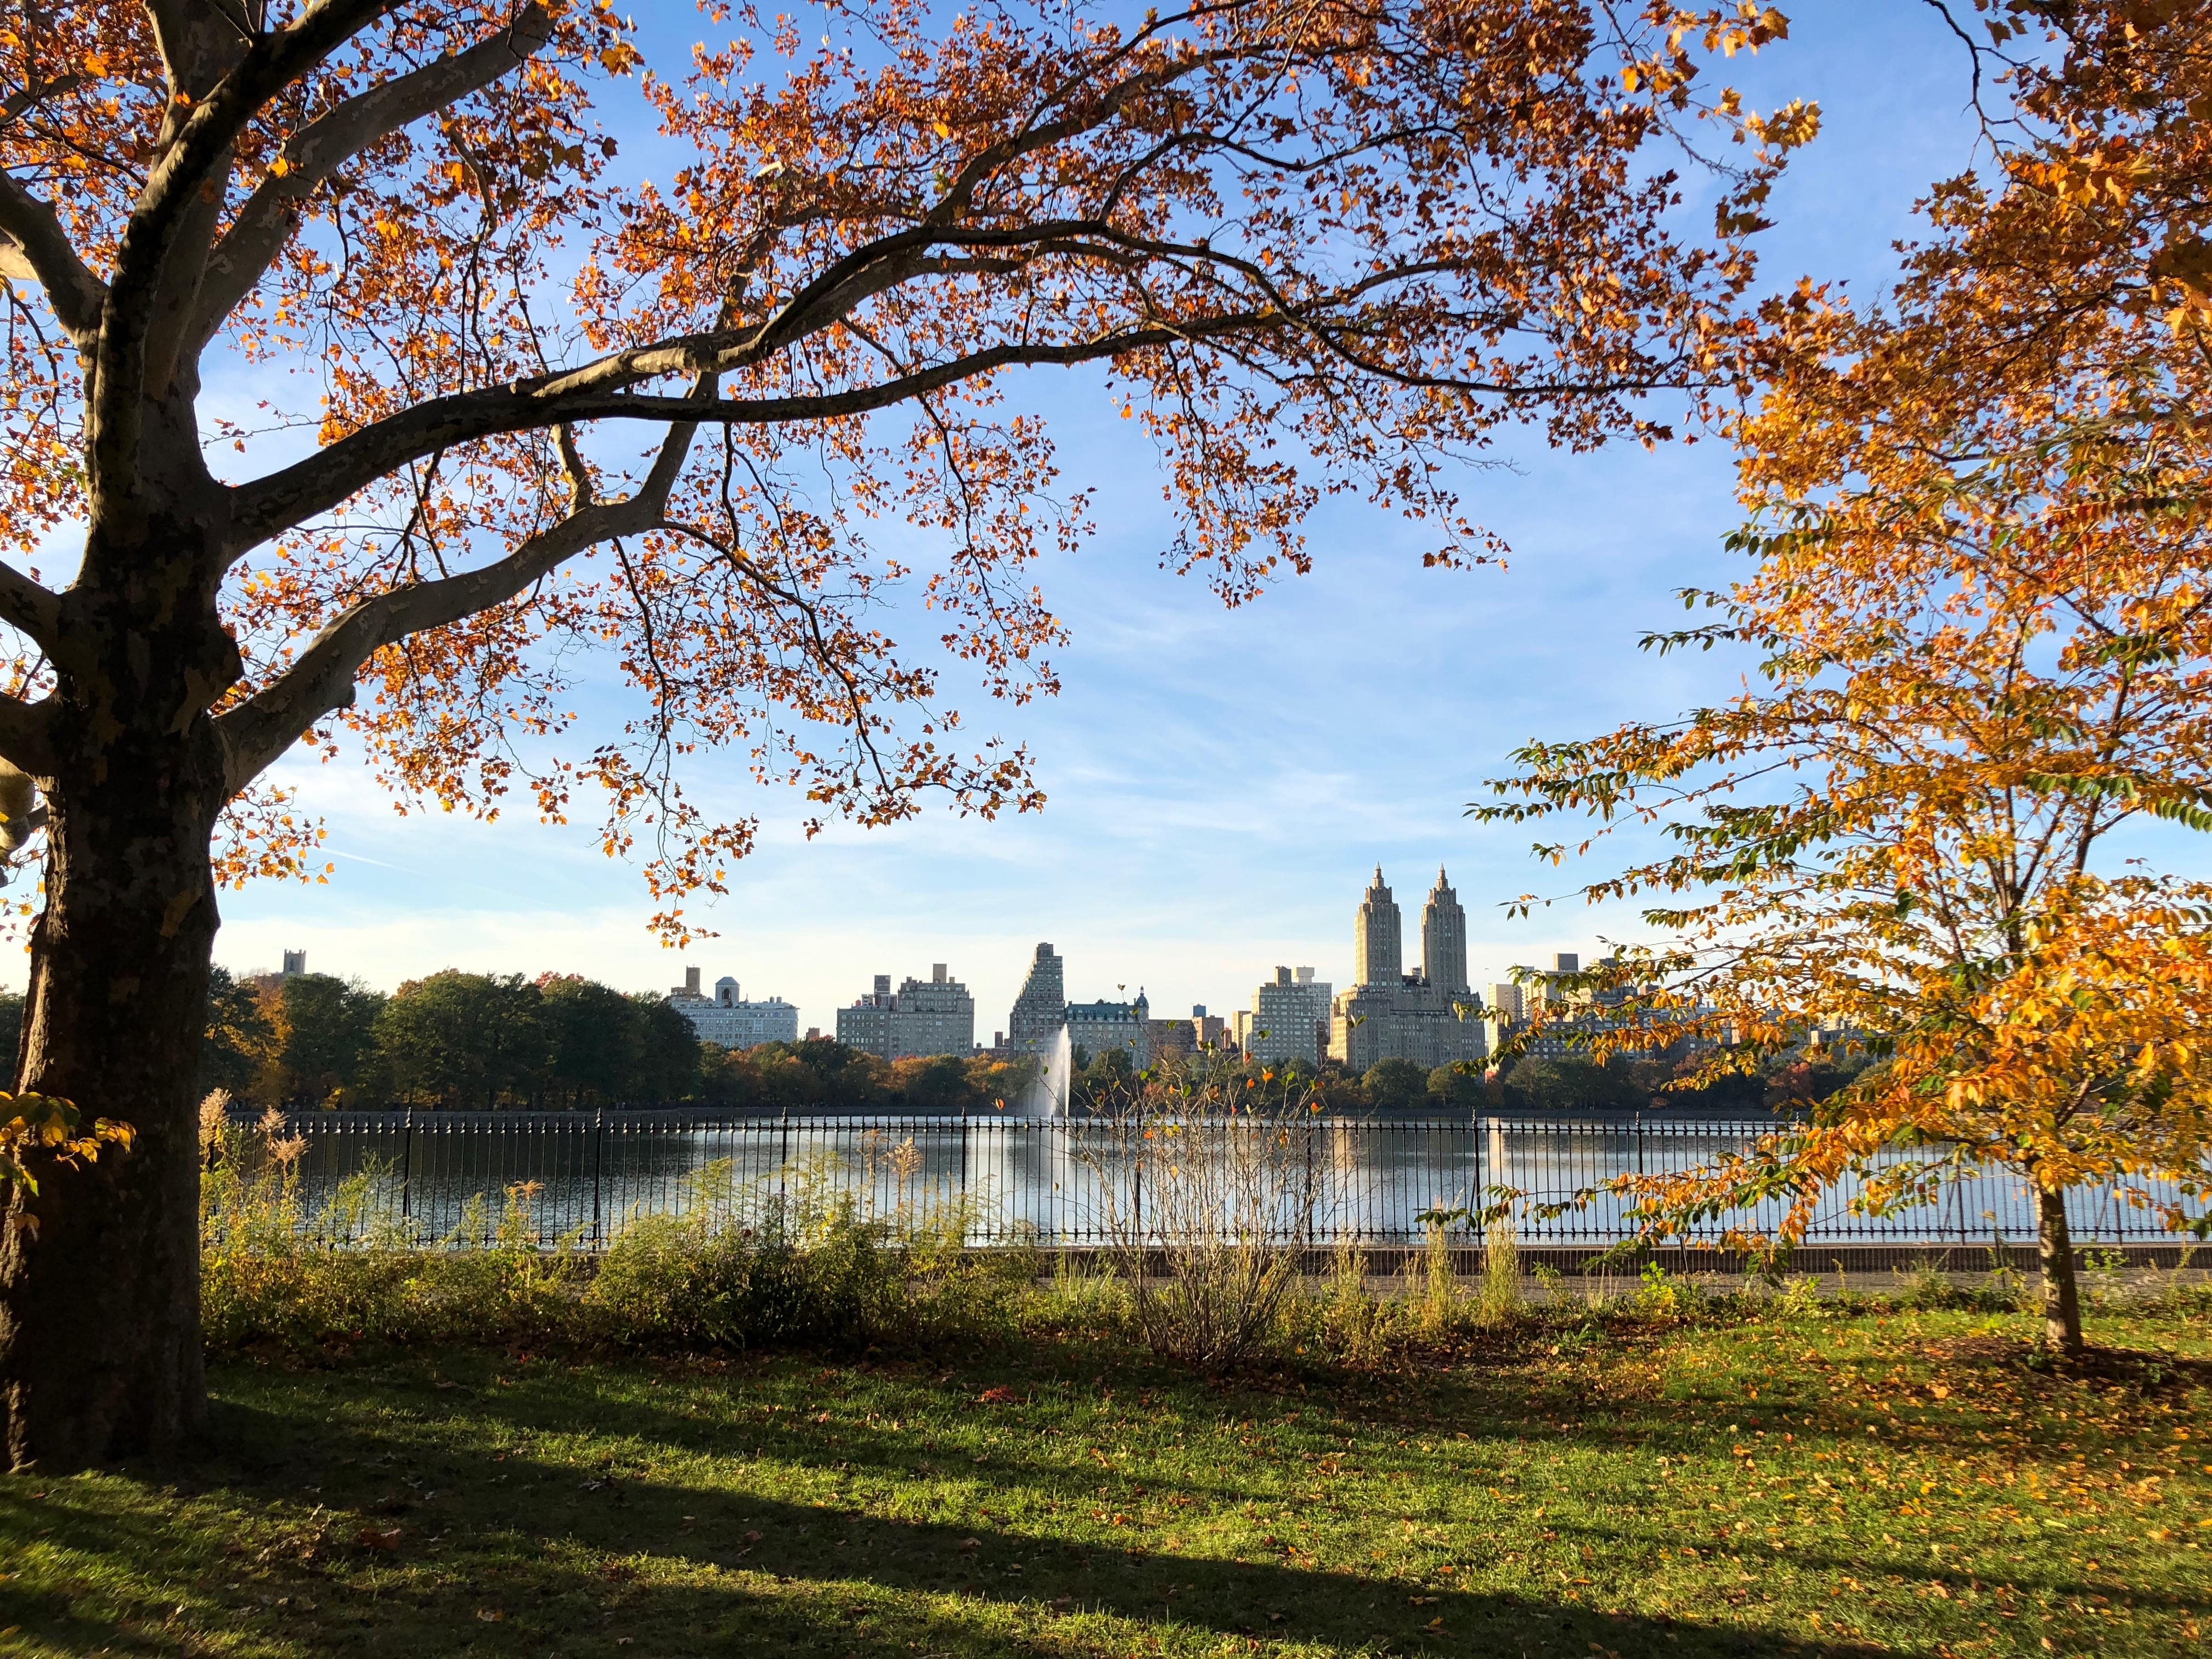 Central Park post race